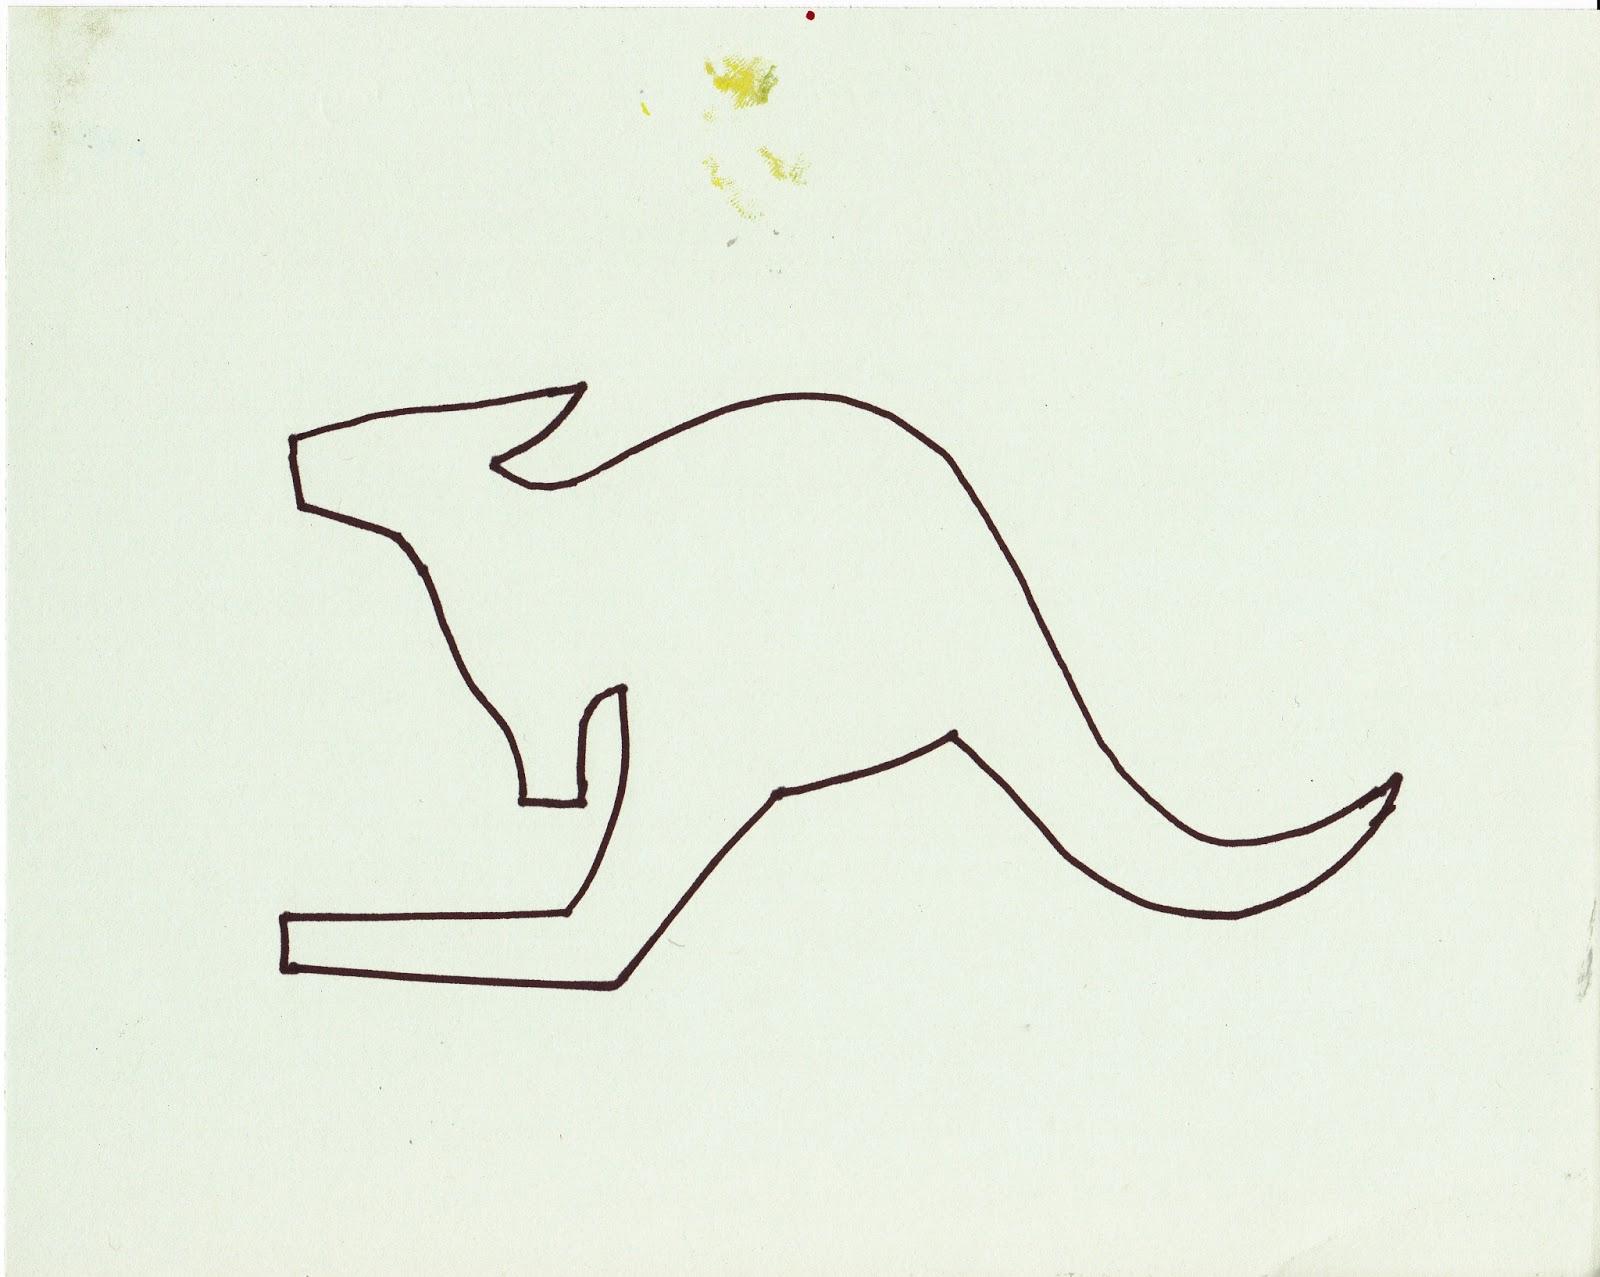 Kangaroo drawing outline - photo#11